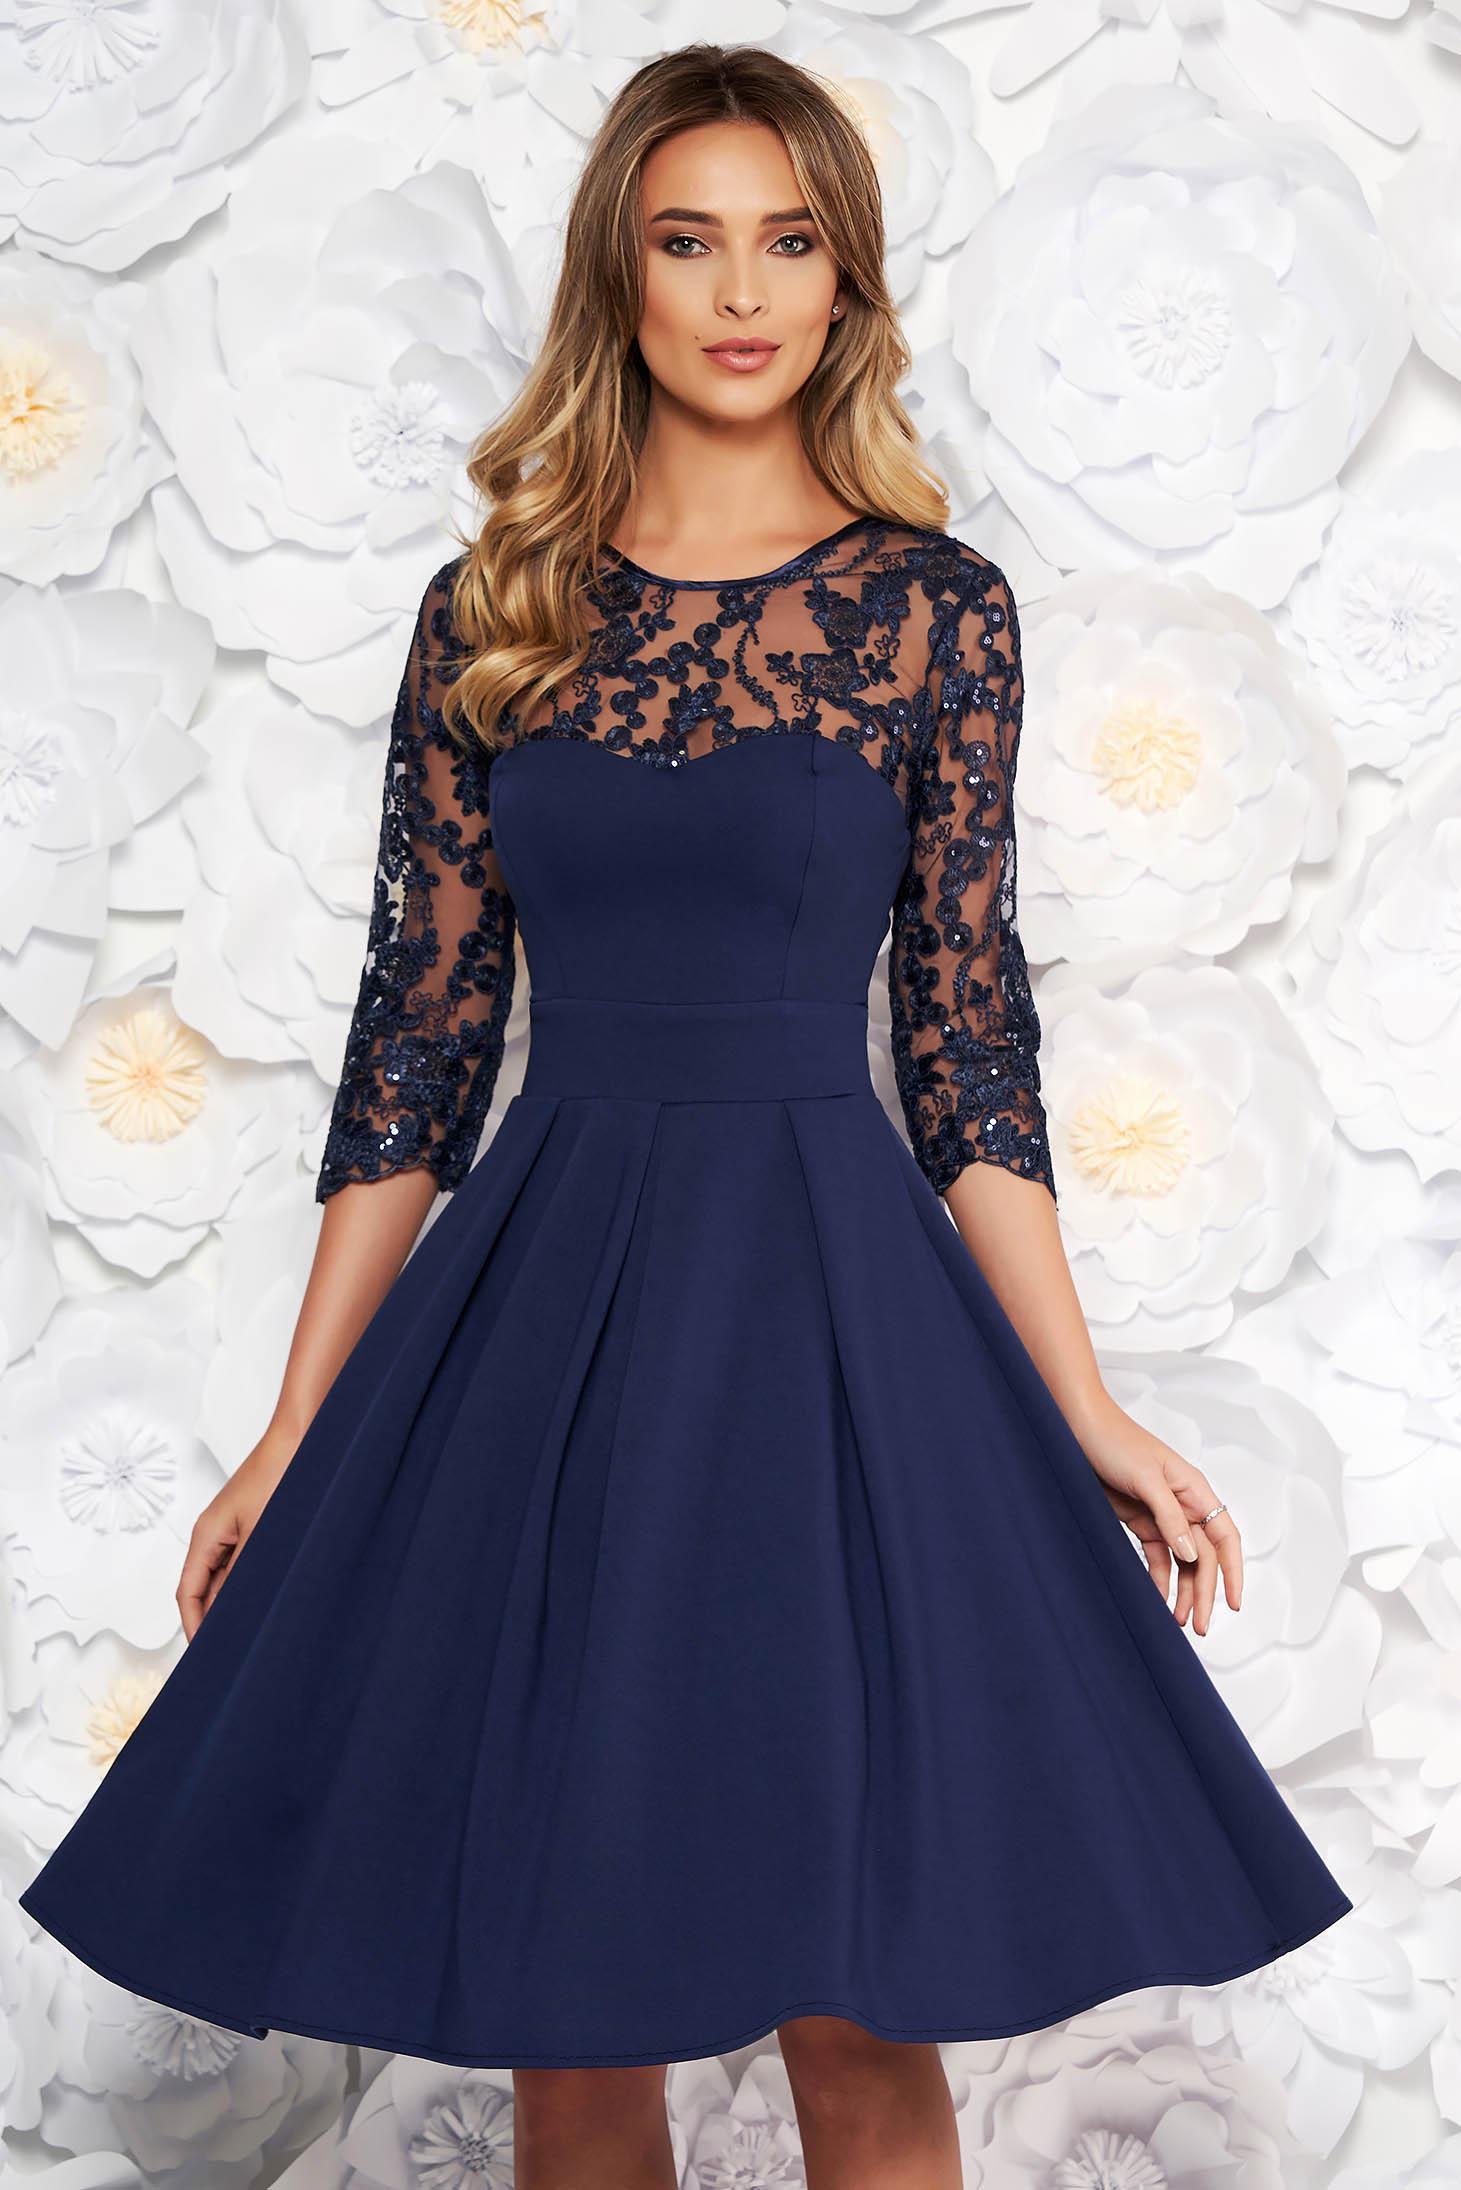 Rochie albastra-inchis de ocazie in clos din stofa usor elastica captusita pe interior cu bust buretat